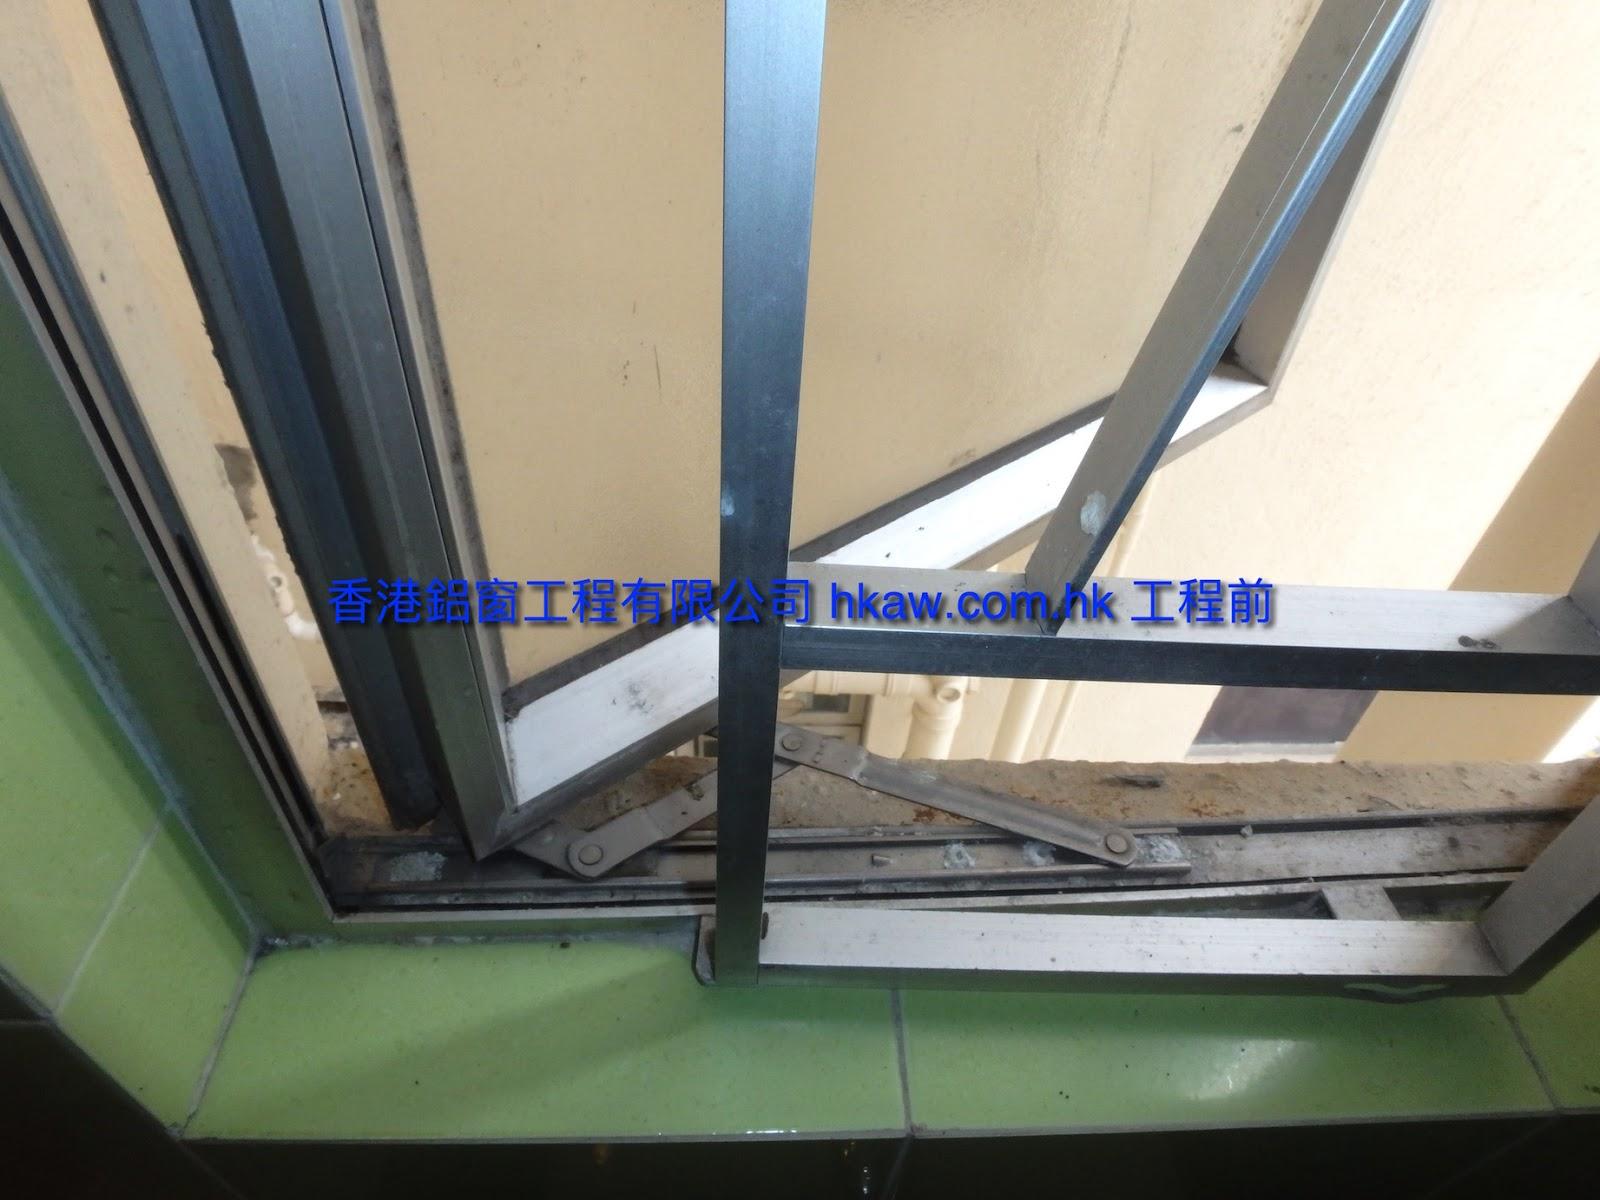 驗窗|鋁窗|鋁窗維修|鋁窗工程|香港鋁窗工程有限公司: 驗窗合資格人士 驗窗價錢 屋宇署認可驗窗承辦商 嘉輝花園